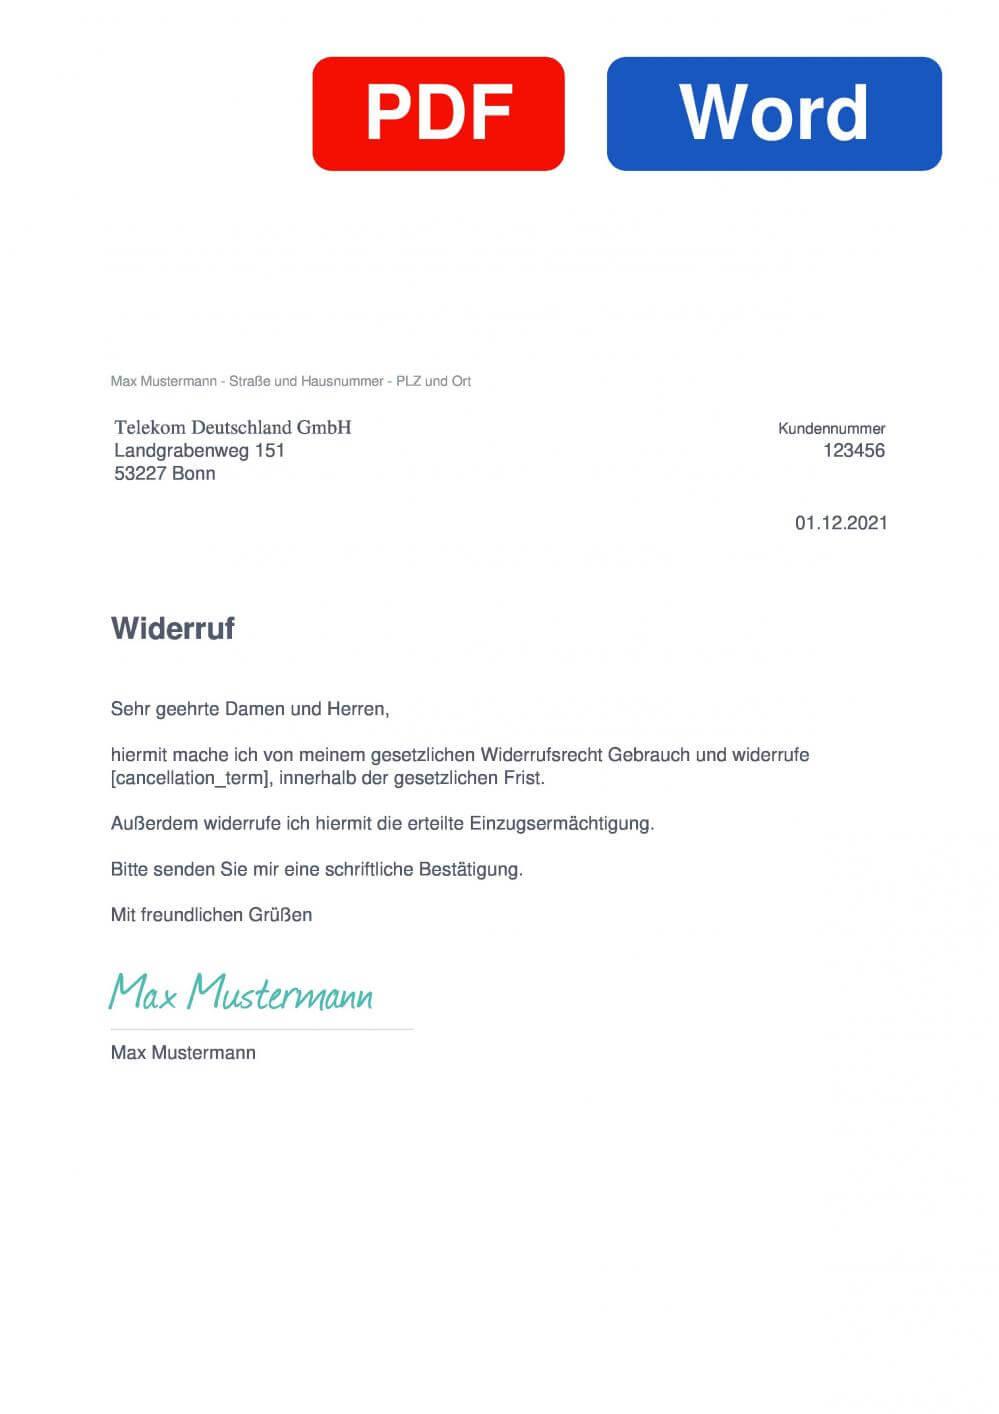 Telekom Entertain Muster Vorlage für Wiederrufsschreiben